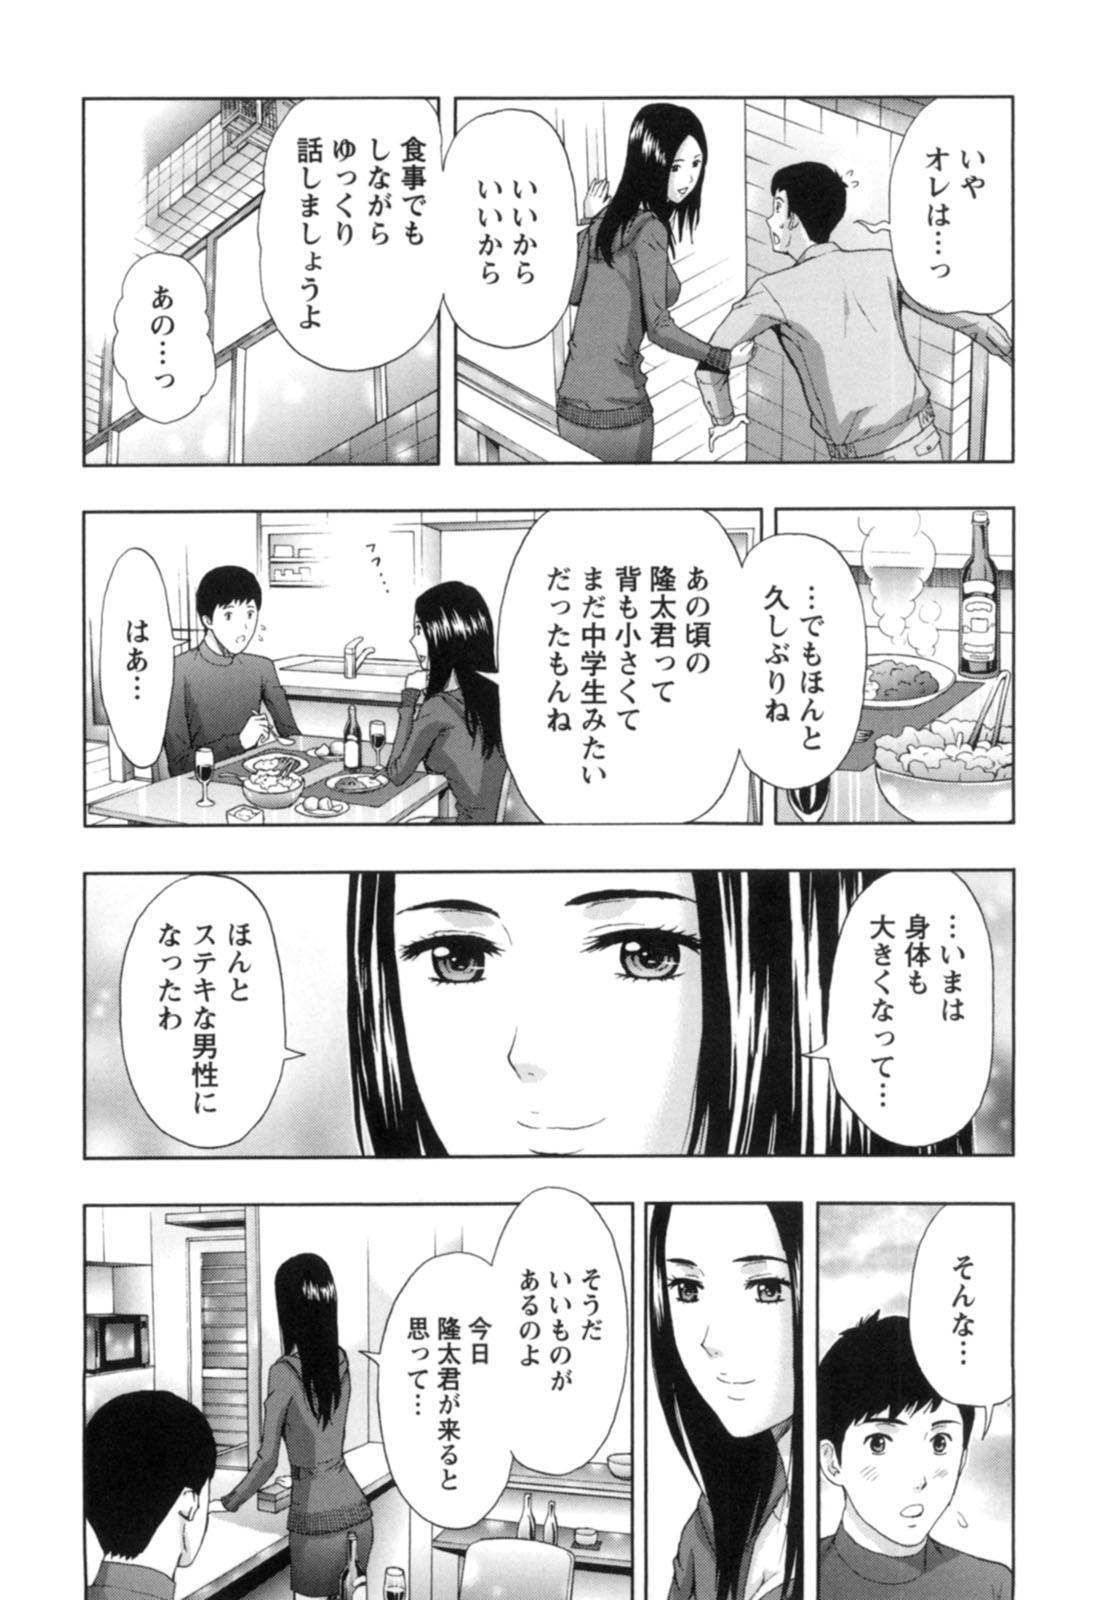 Nukumori Jou no Binkan Lesson 154